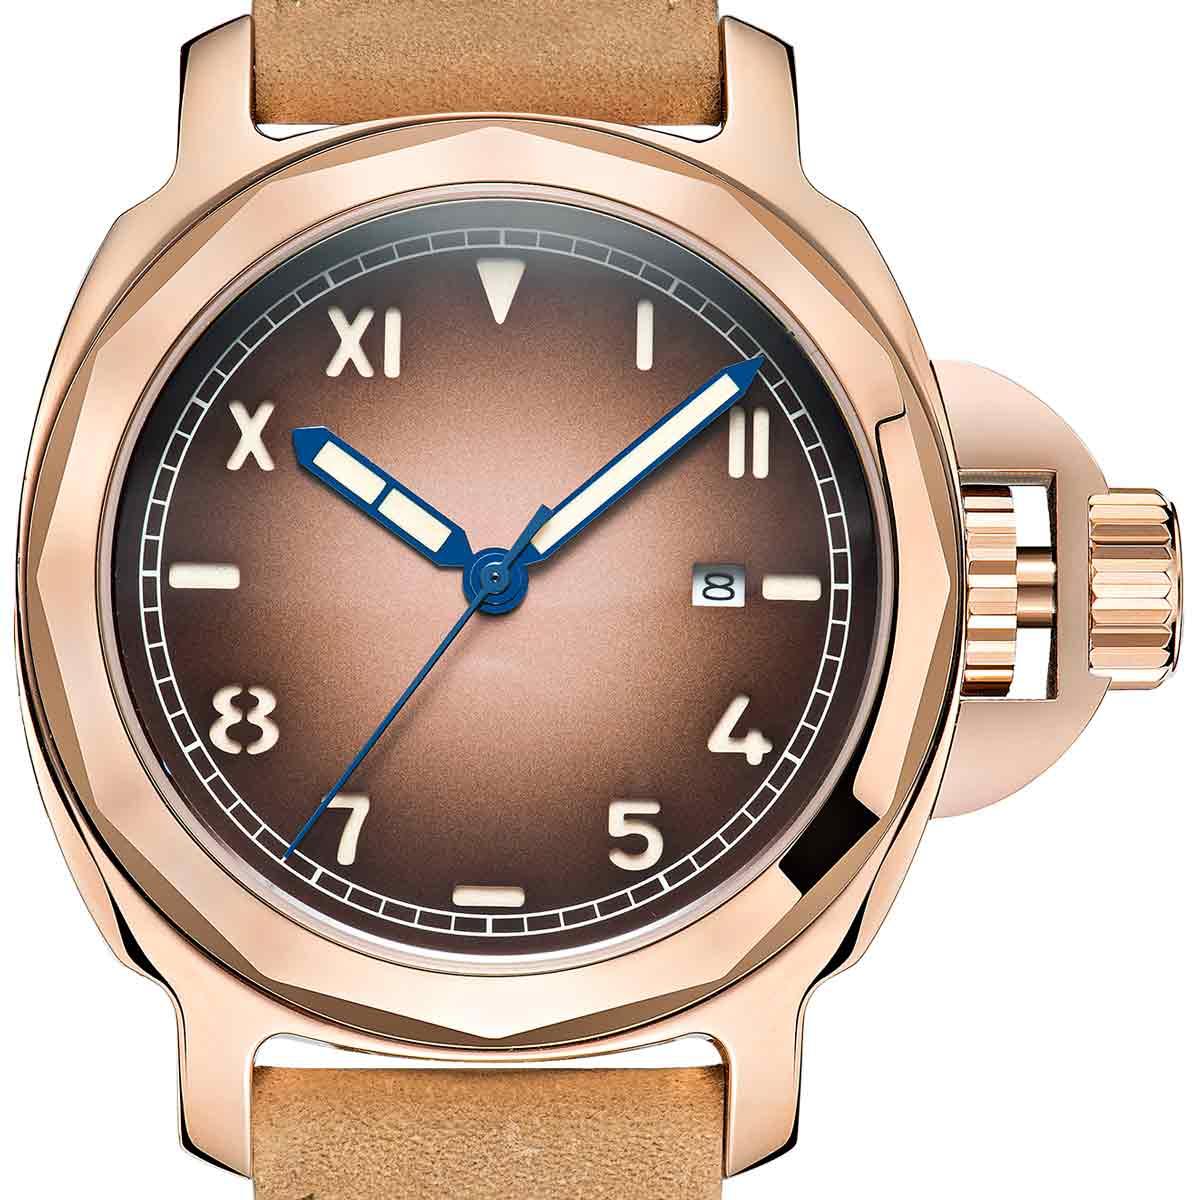 【NEW】PARNIS パーニス 自動巻き 腕時計 [PA6027-S3AL-RGRG] 並行輸入品 純正ケース メーカー保証12ヶ月